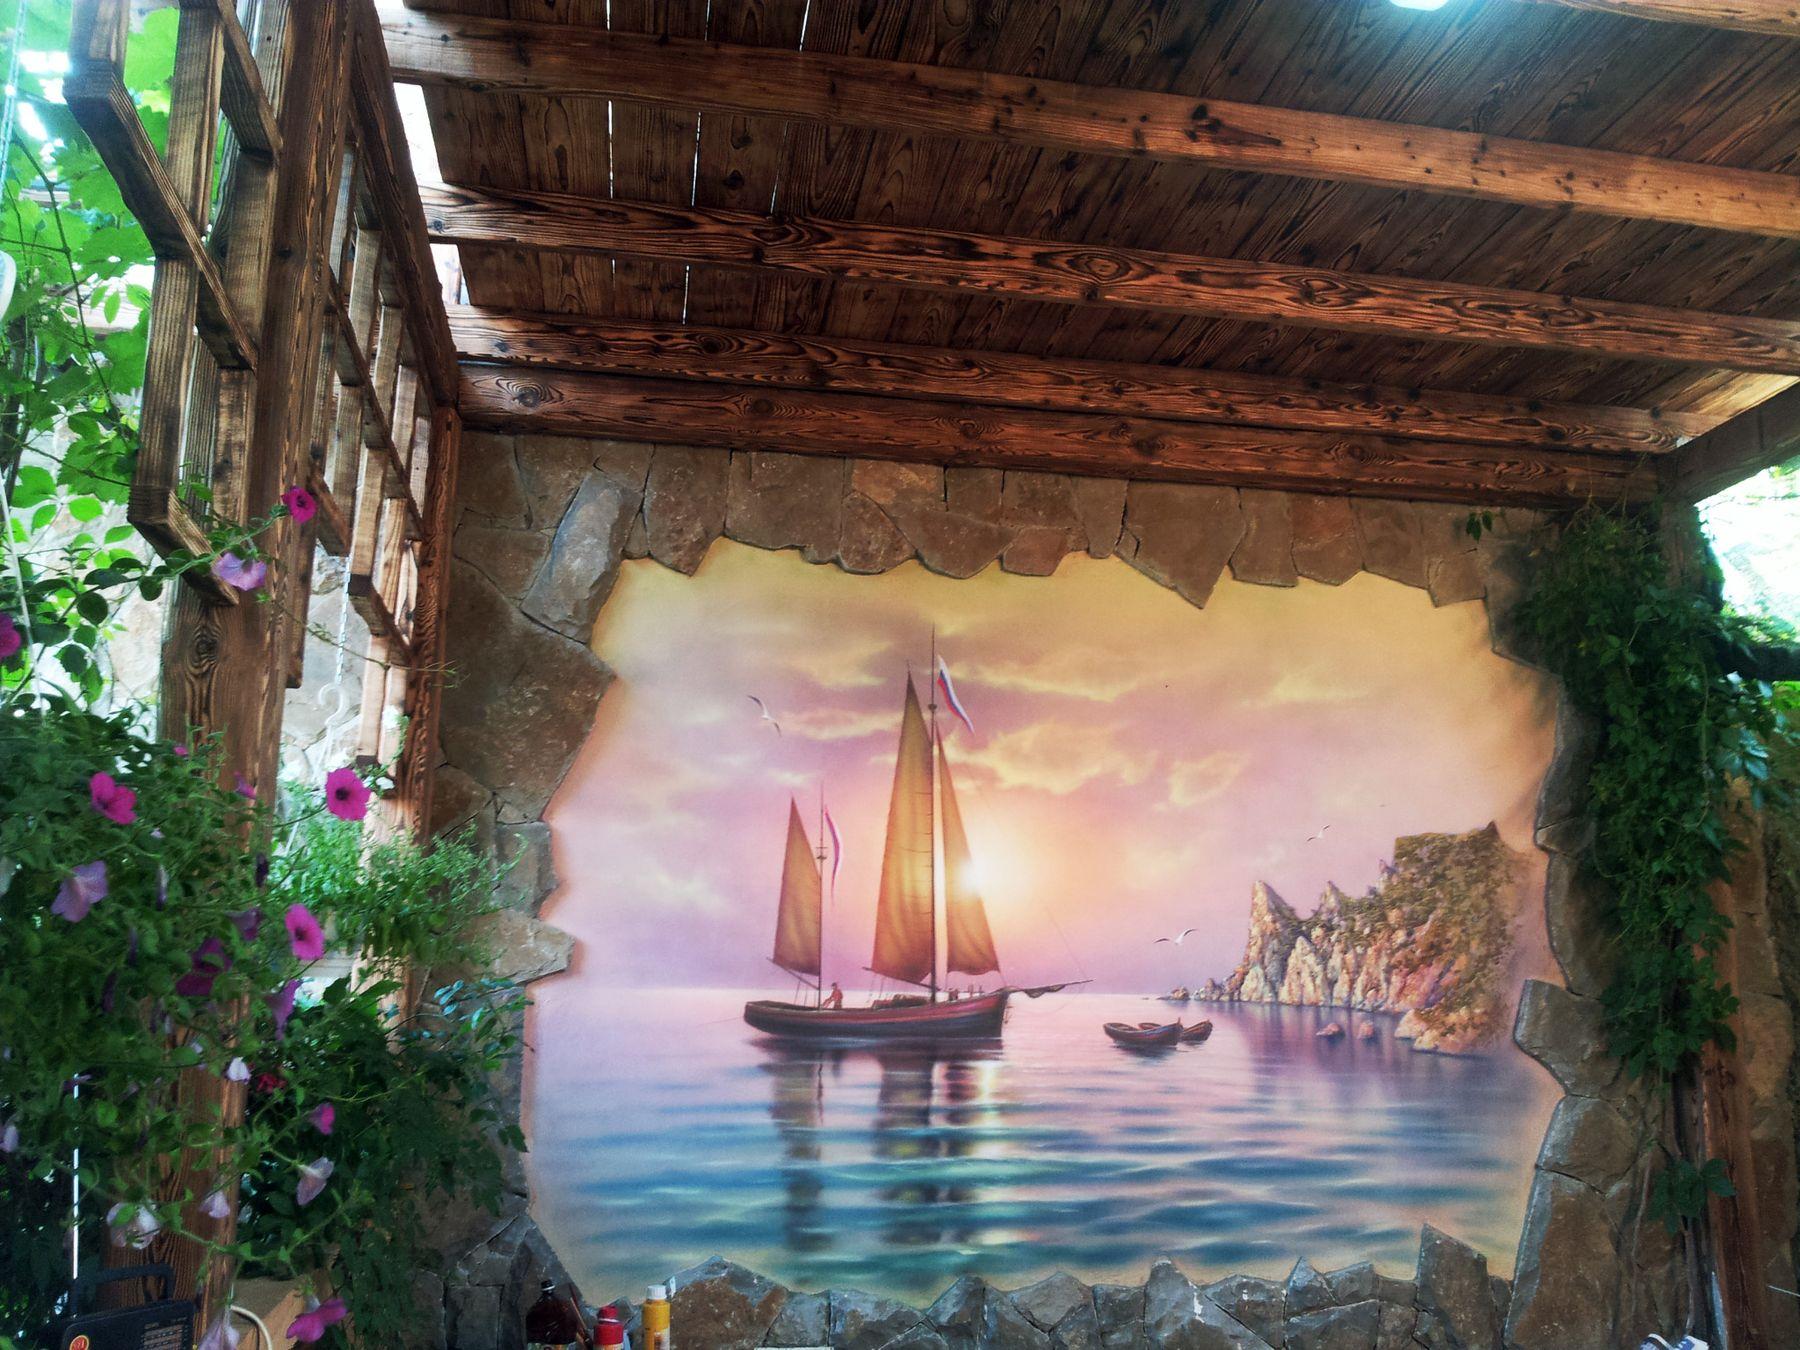 Художественная роспись стен в беседке натуральное дерево и камень - Яхта